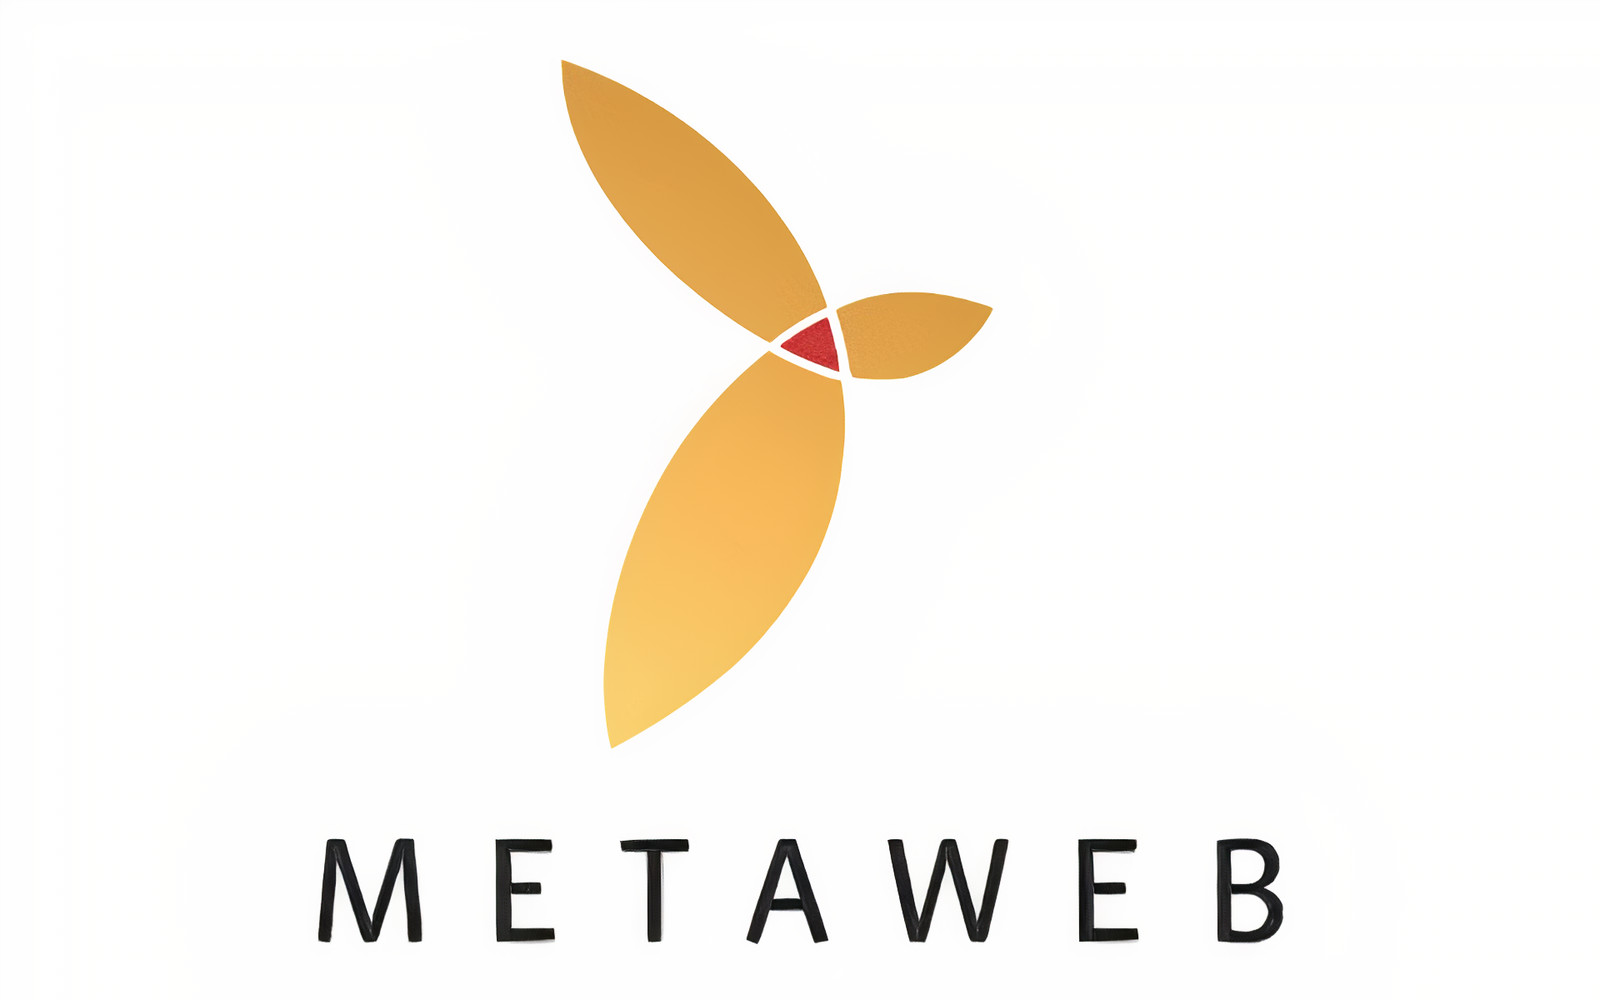 Nền tảng Entity là gì? MetaWeb